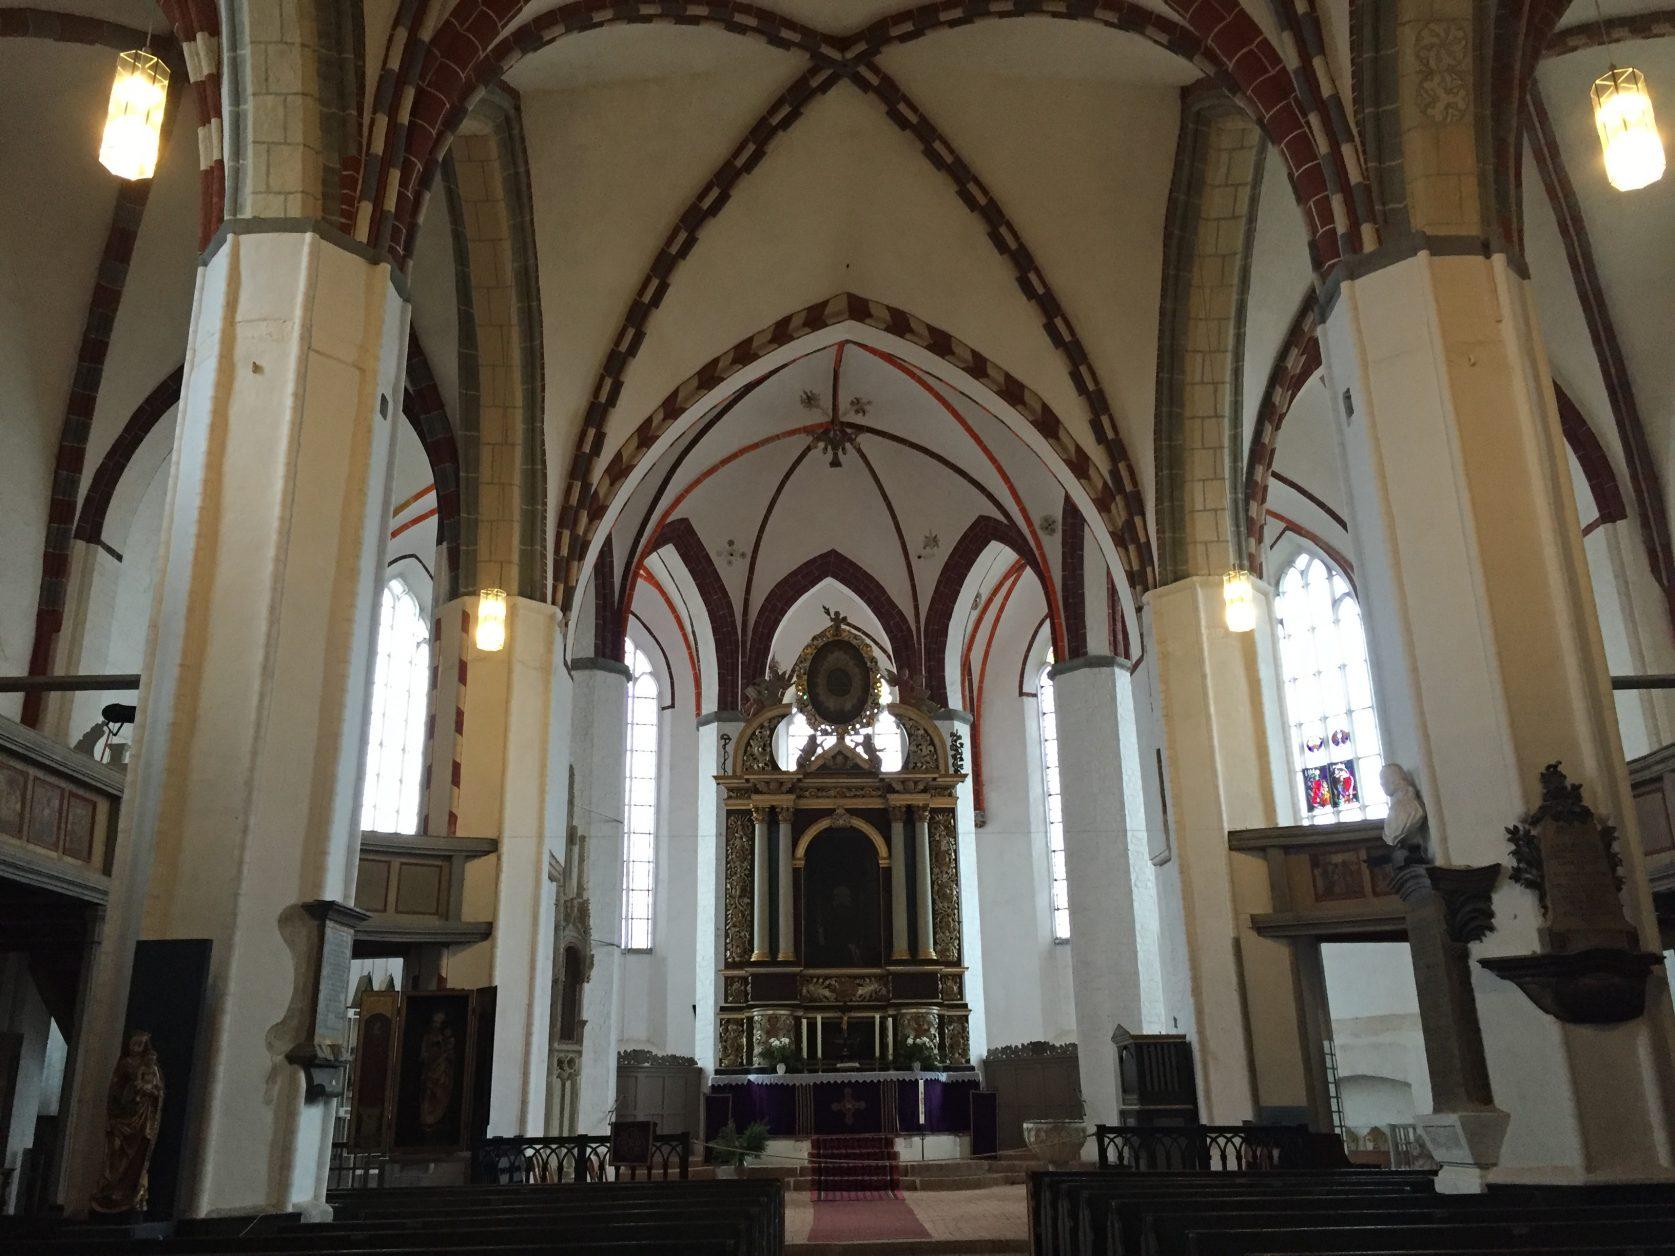 Blick in die Jüterboger Kirche Sankt Nikolai, Foto: D. Weirauch